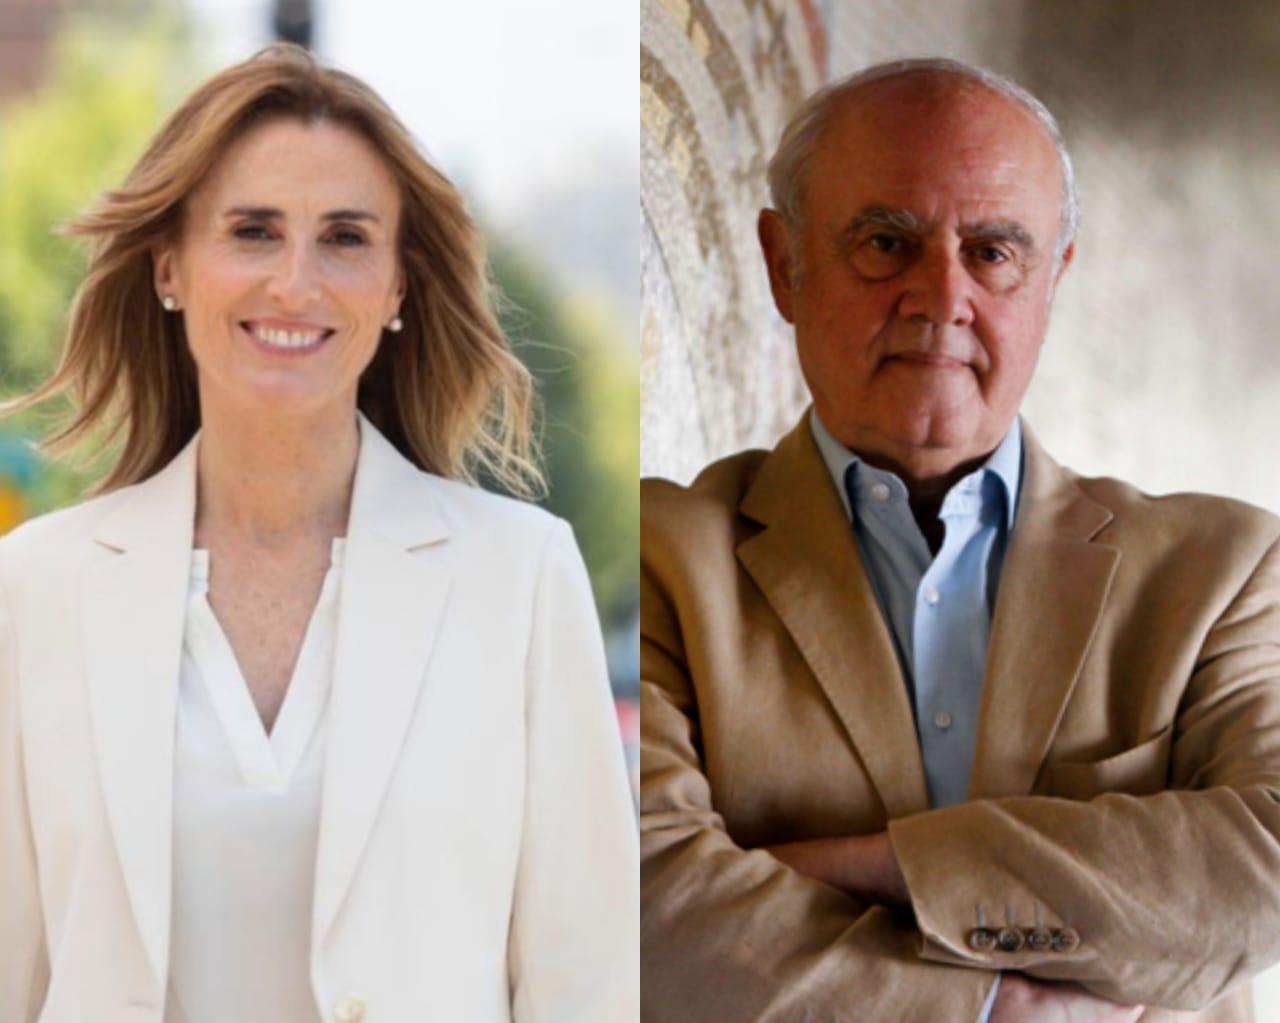 Panel Constituyente conformado por Marcela Cubillos y Agustín Squella debaten acerca del Tribunal Constitucional